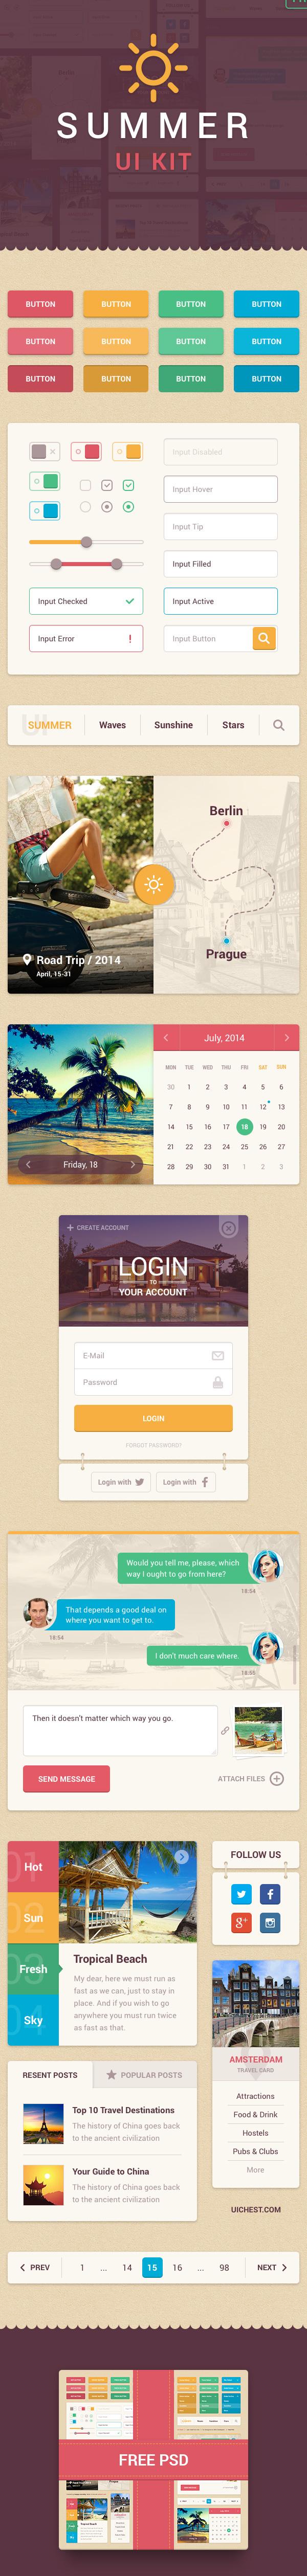 UI ui kit Interface user interface summer free psd freebie calendar menu messages Chat buttons login widgets